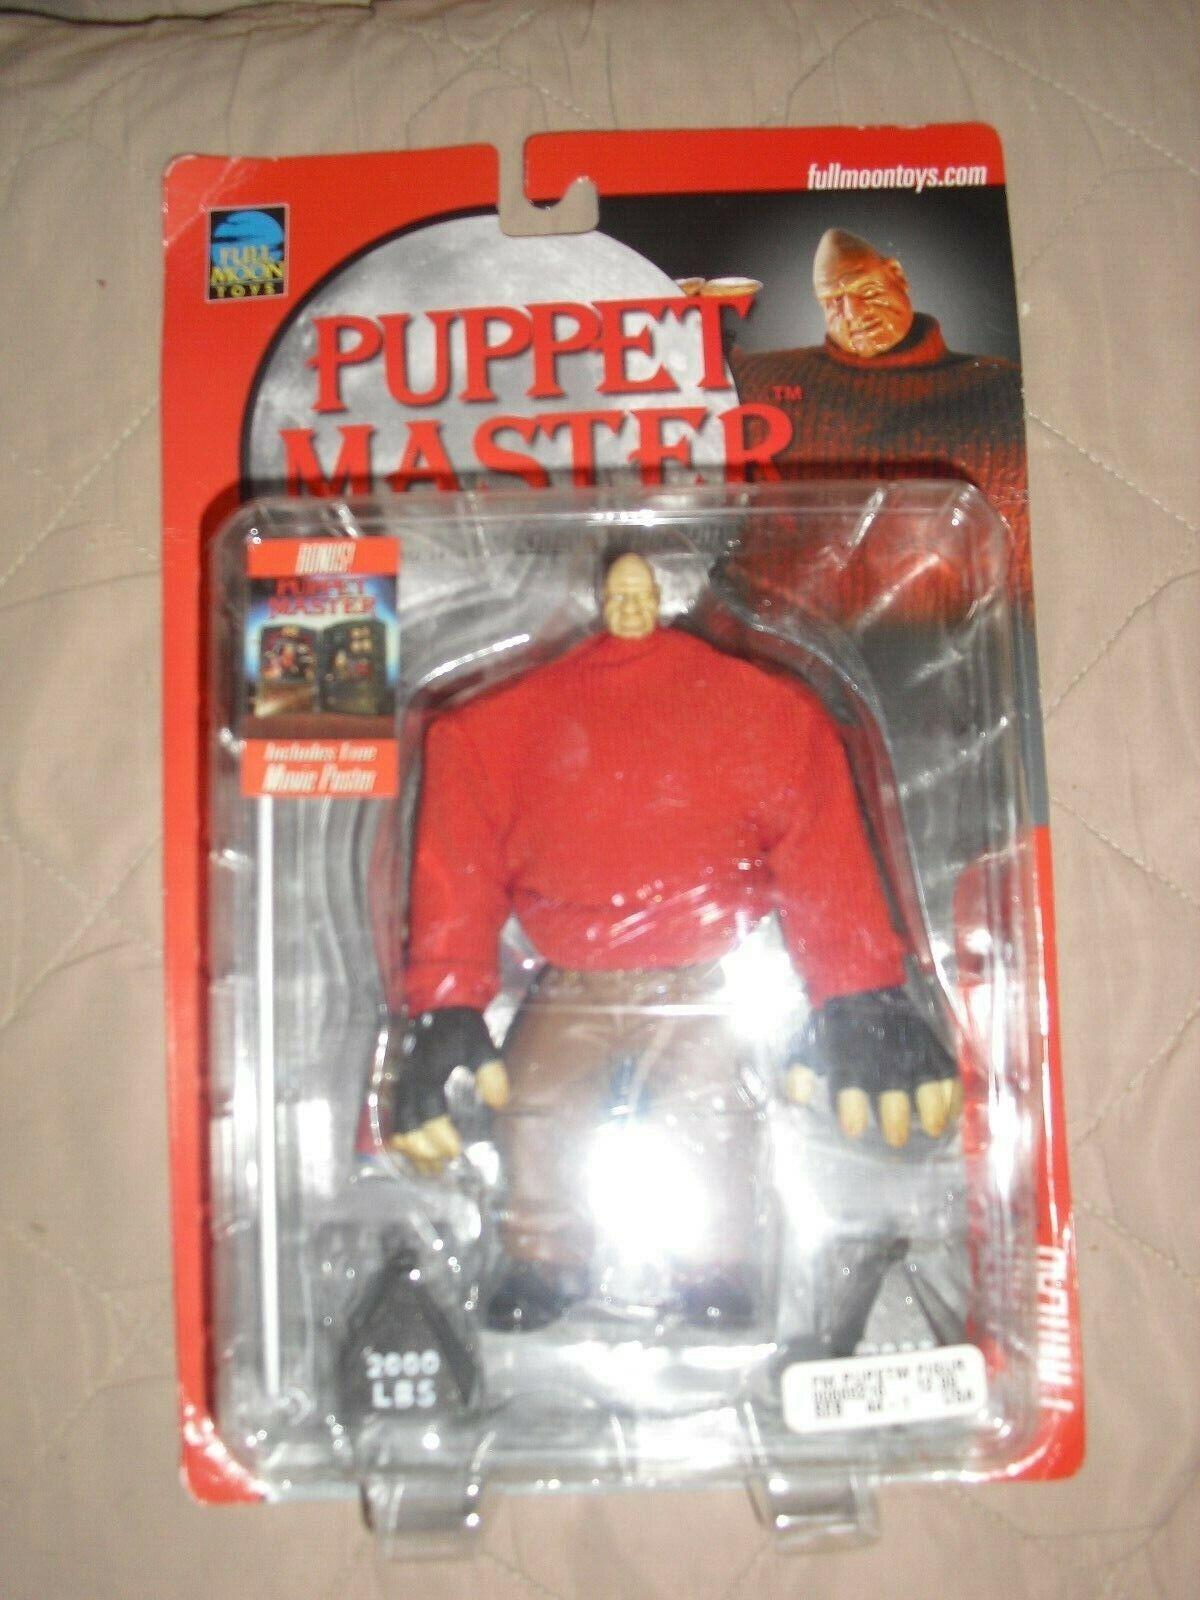 Pinhead puppet master full moon toys nib figure